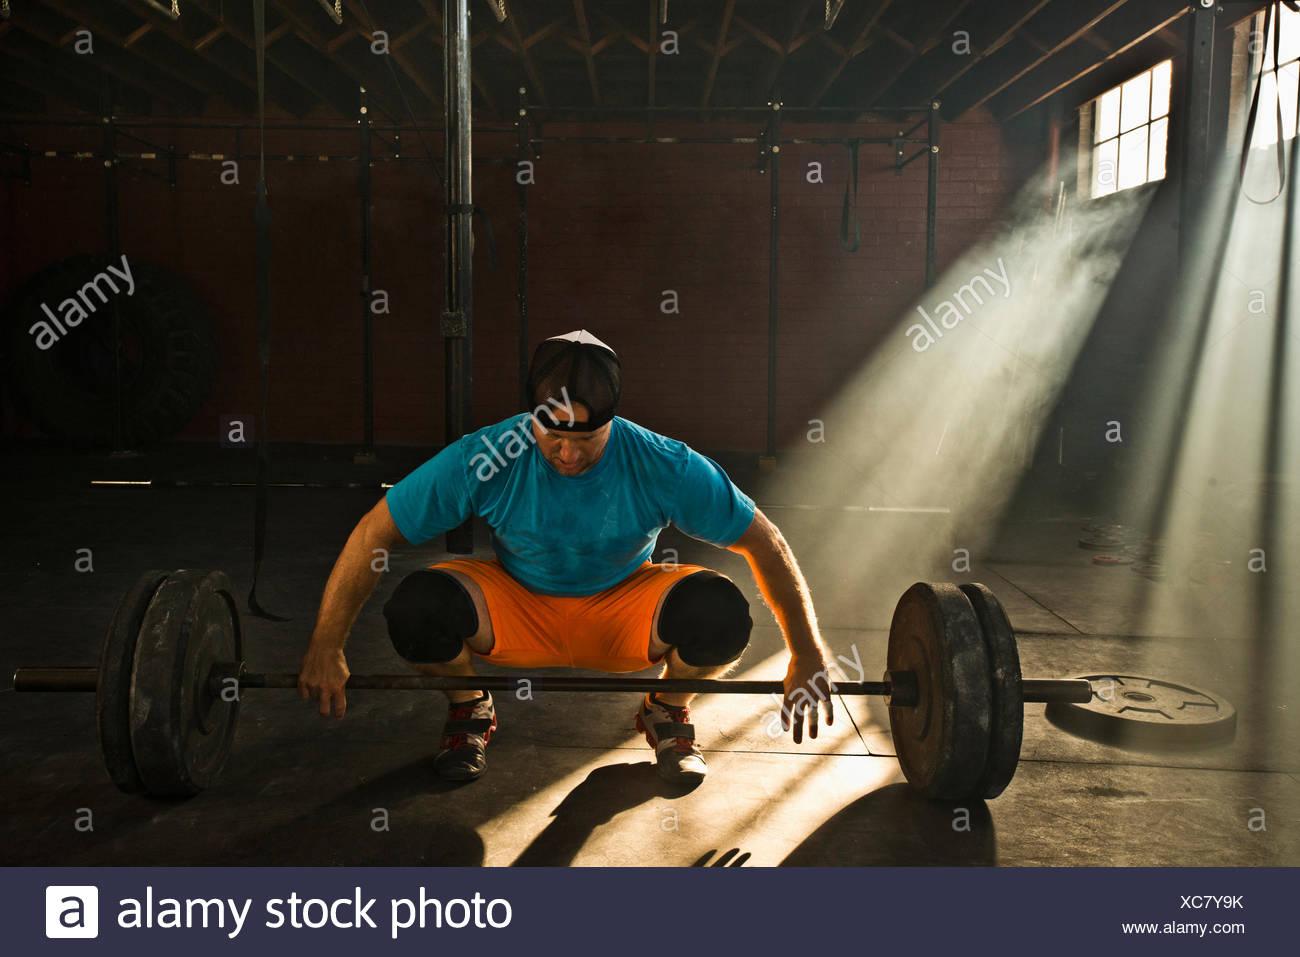 Un athlète masculin se prépare à soulevé de terre. Photo Stock